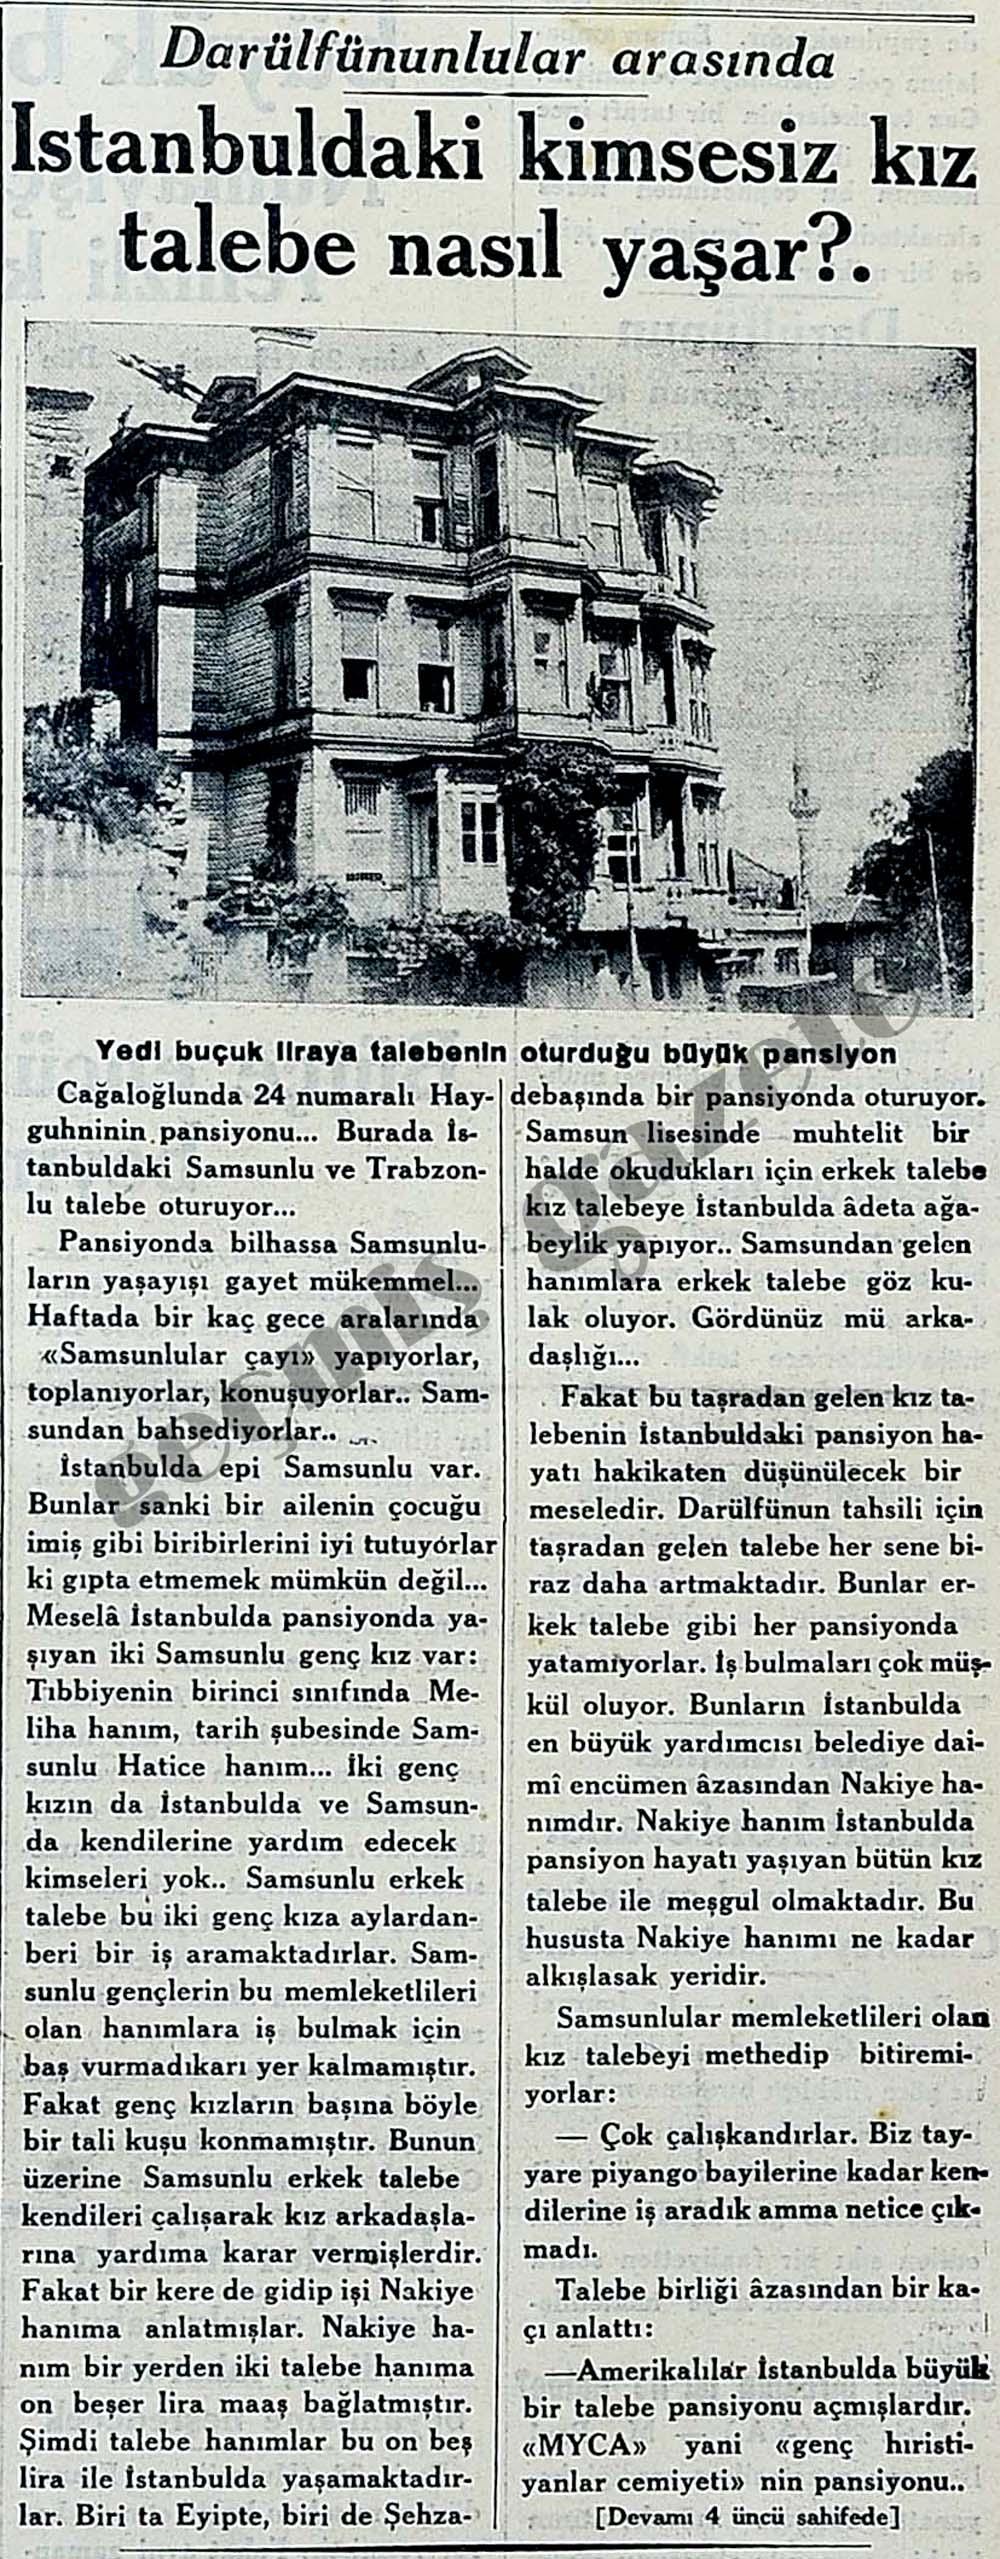 İstanbuldaki kimsesiz kız talebe nasıl yaşar?